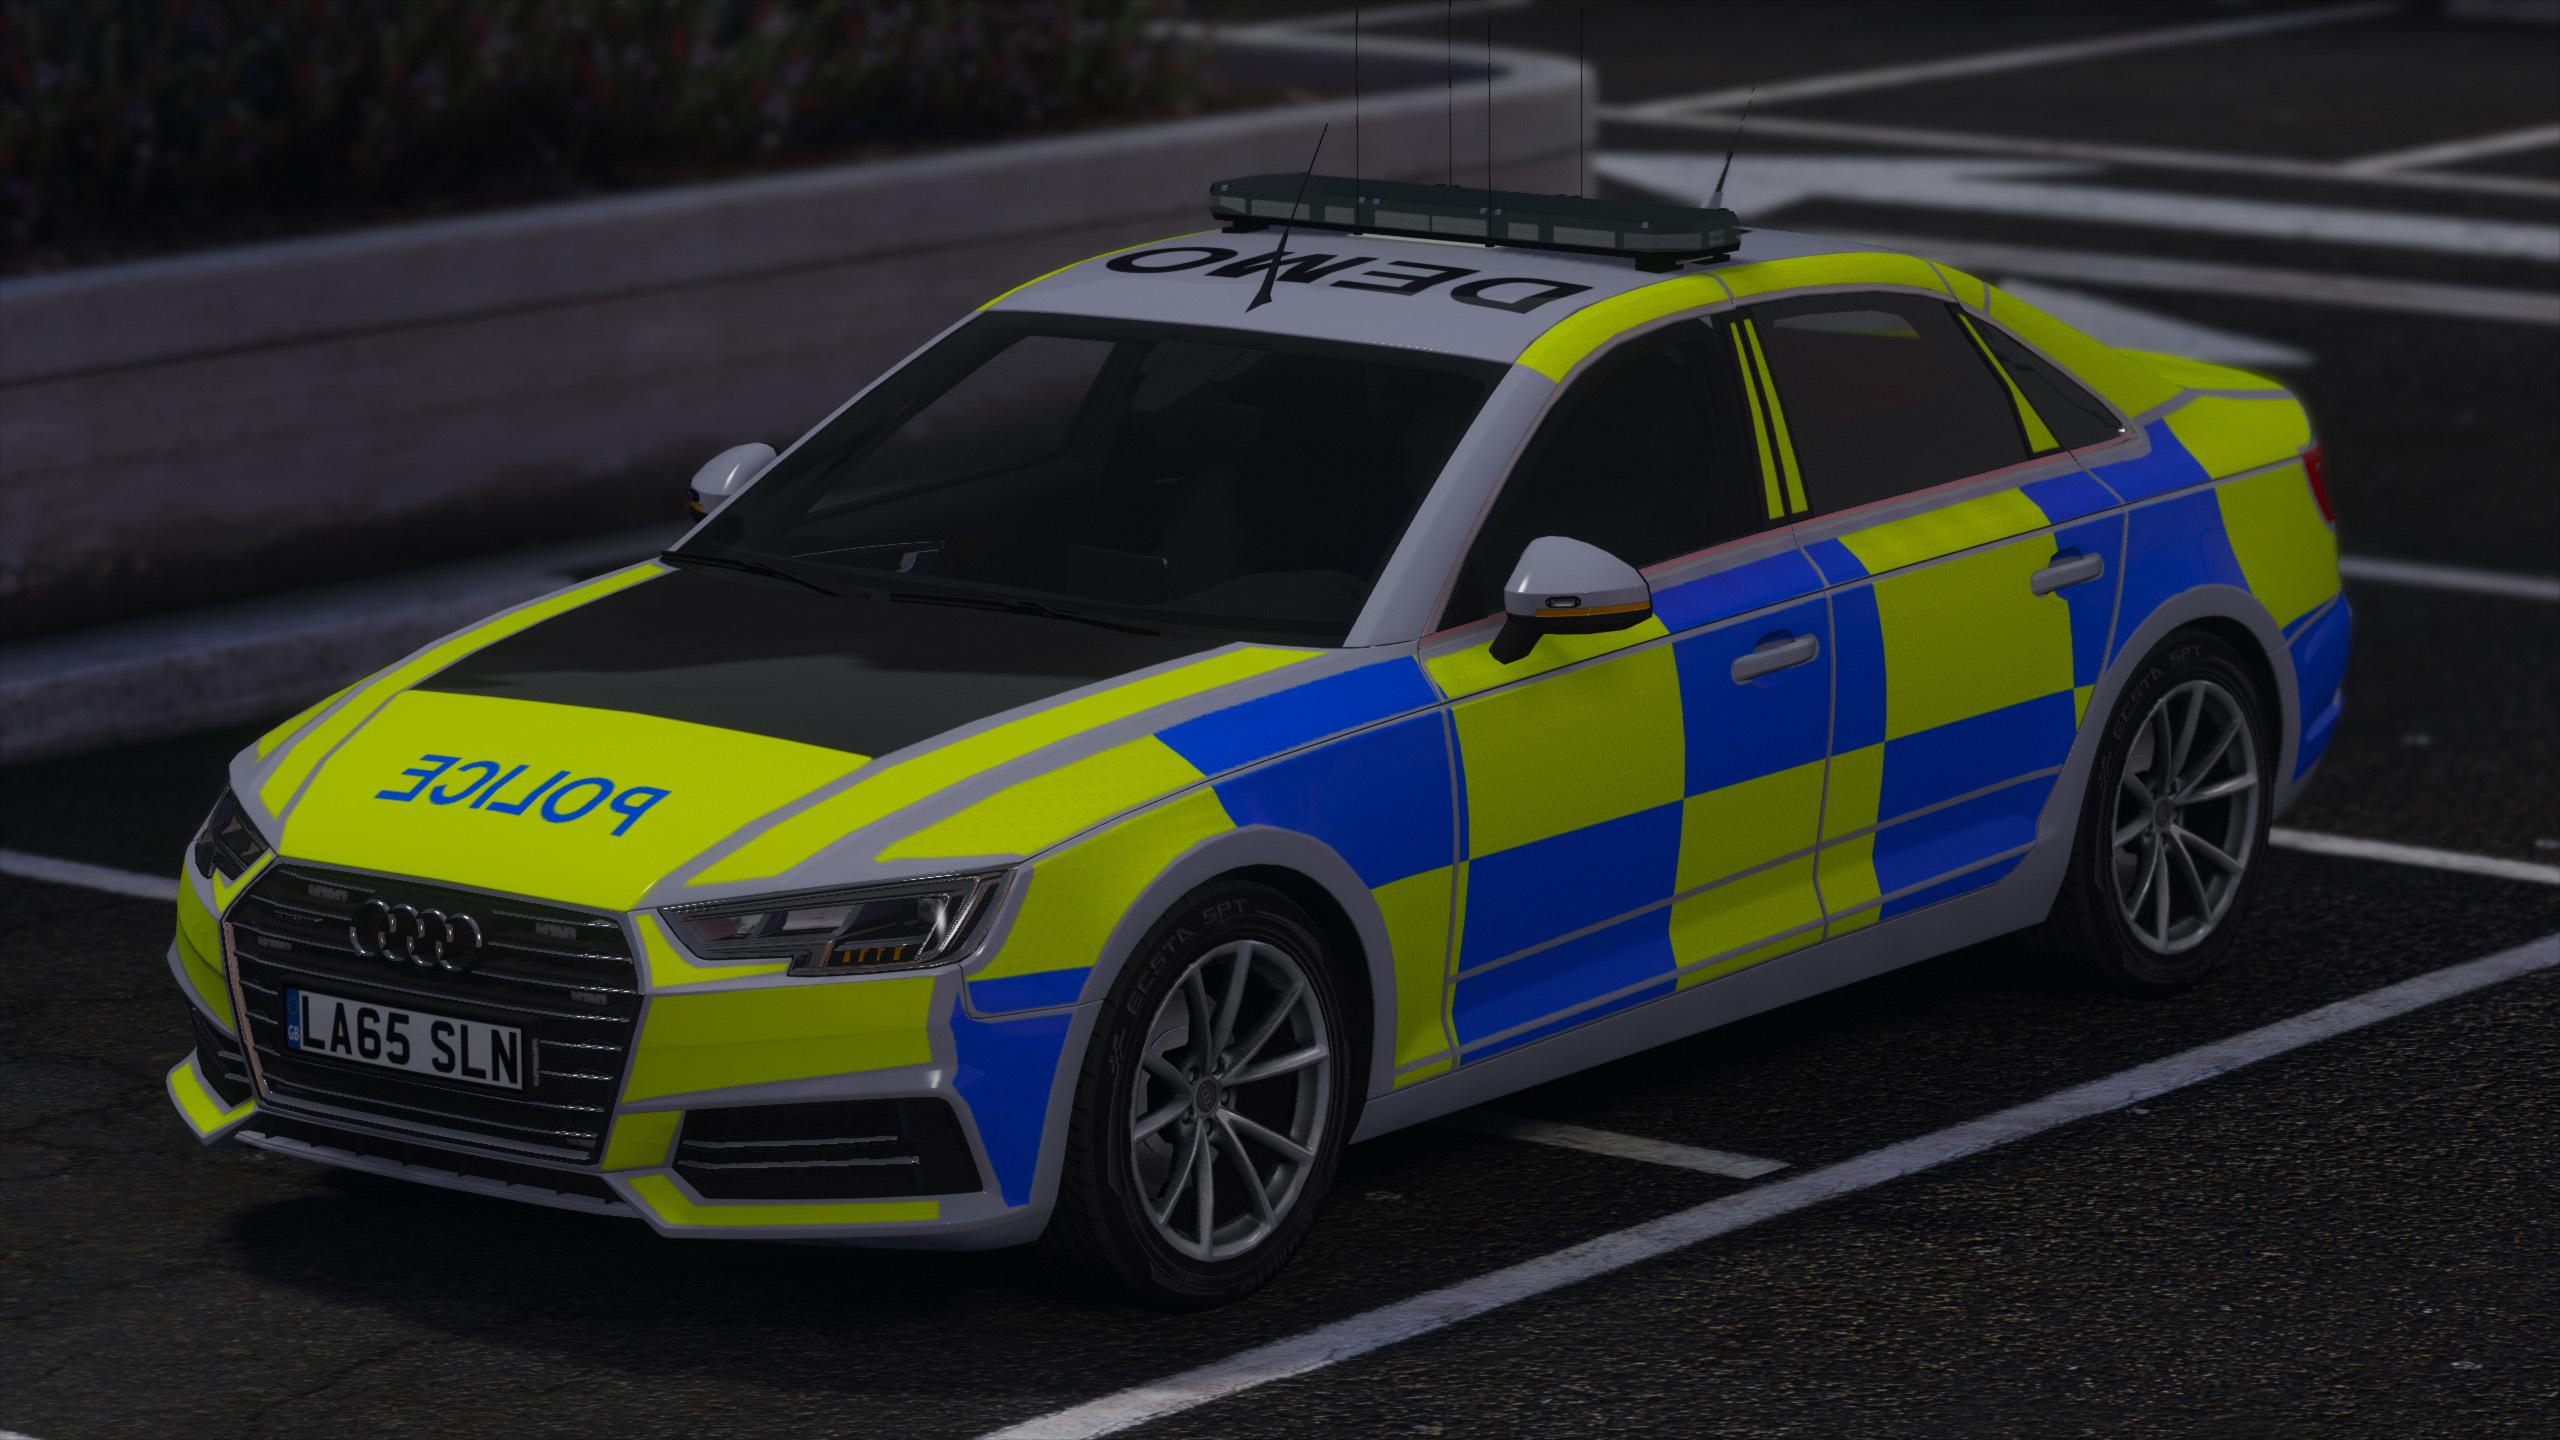 2017 Police Audi A4 Quattro (Pack) - GTA5-Mods.com